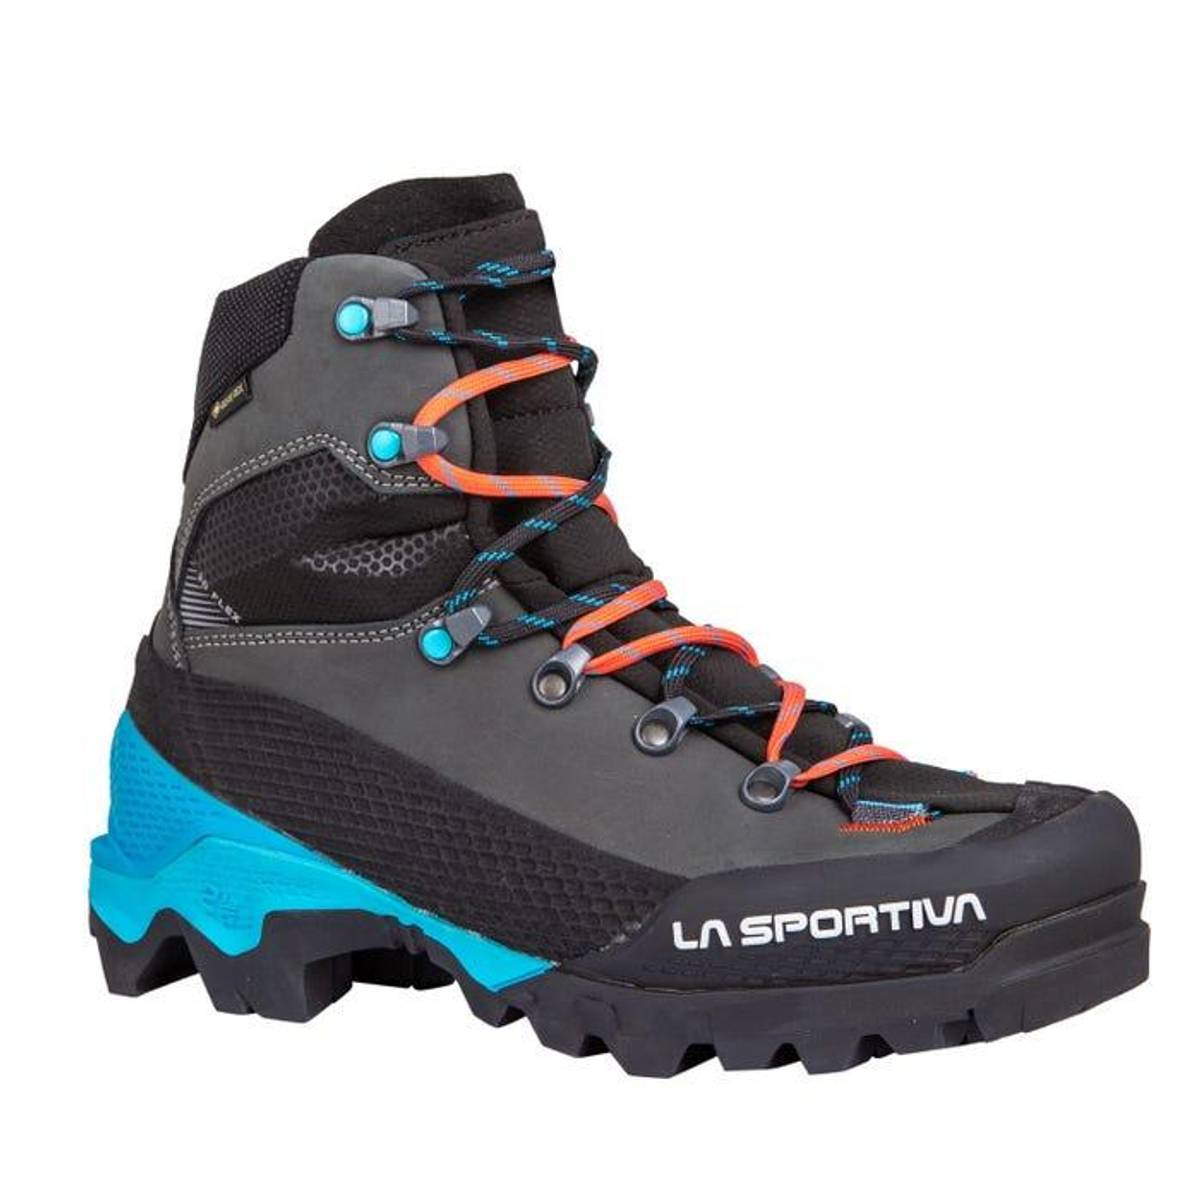 La Sportiva Aequilibrium LT GTX Ws